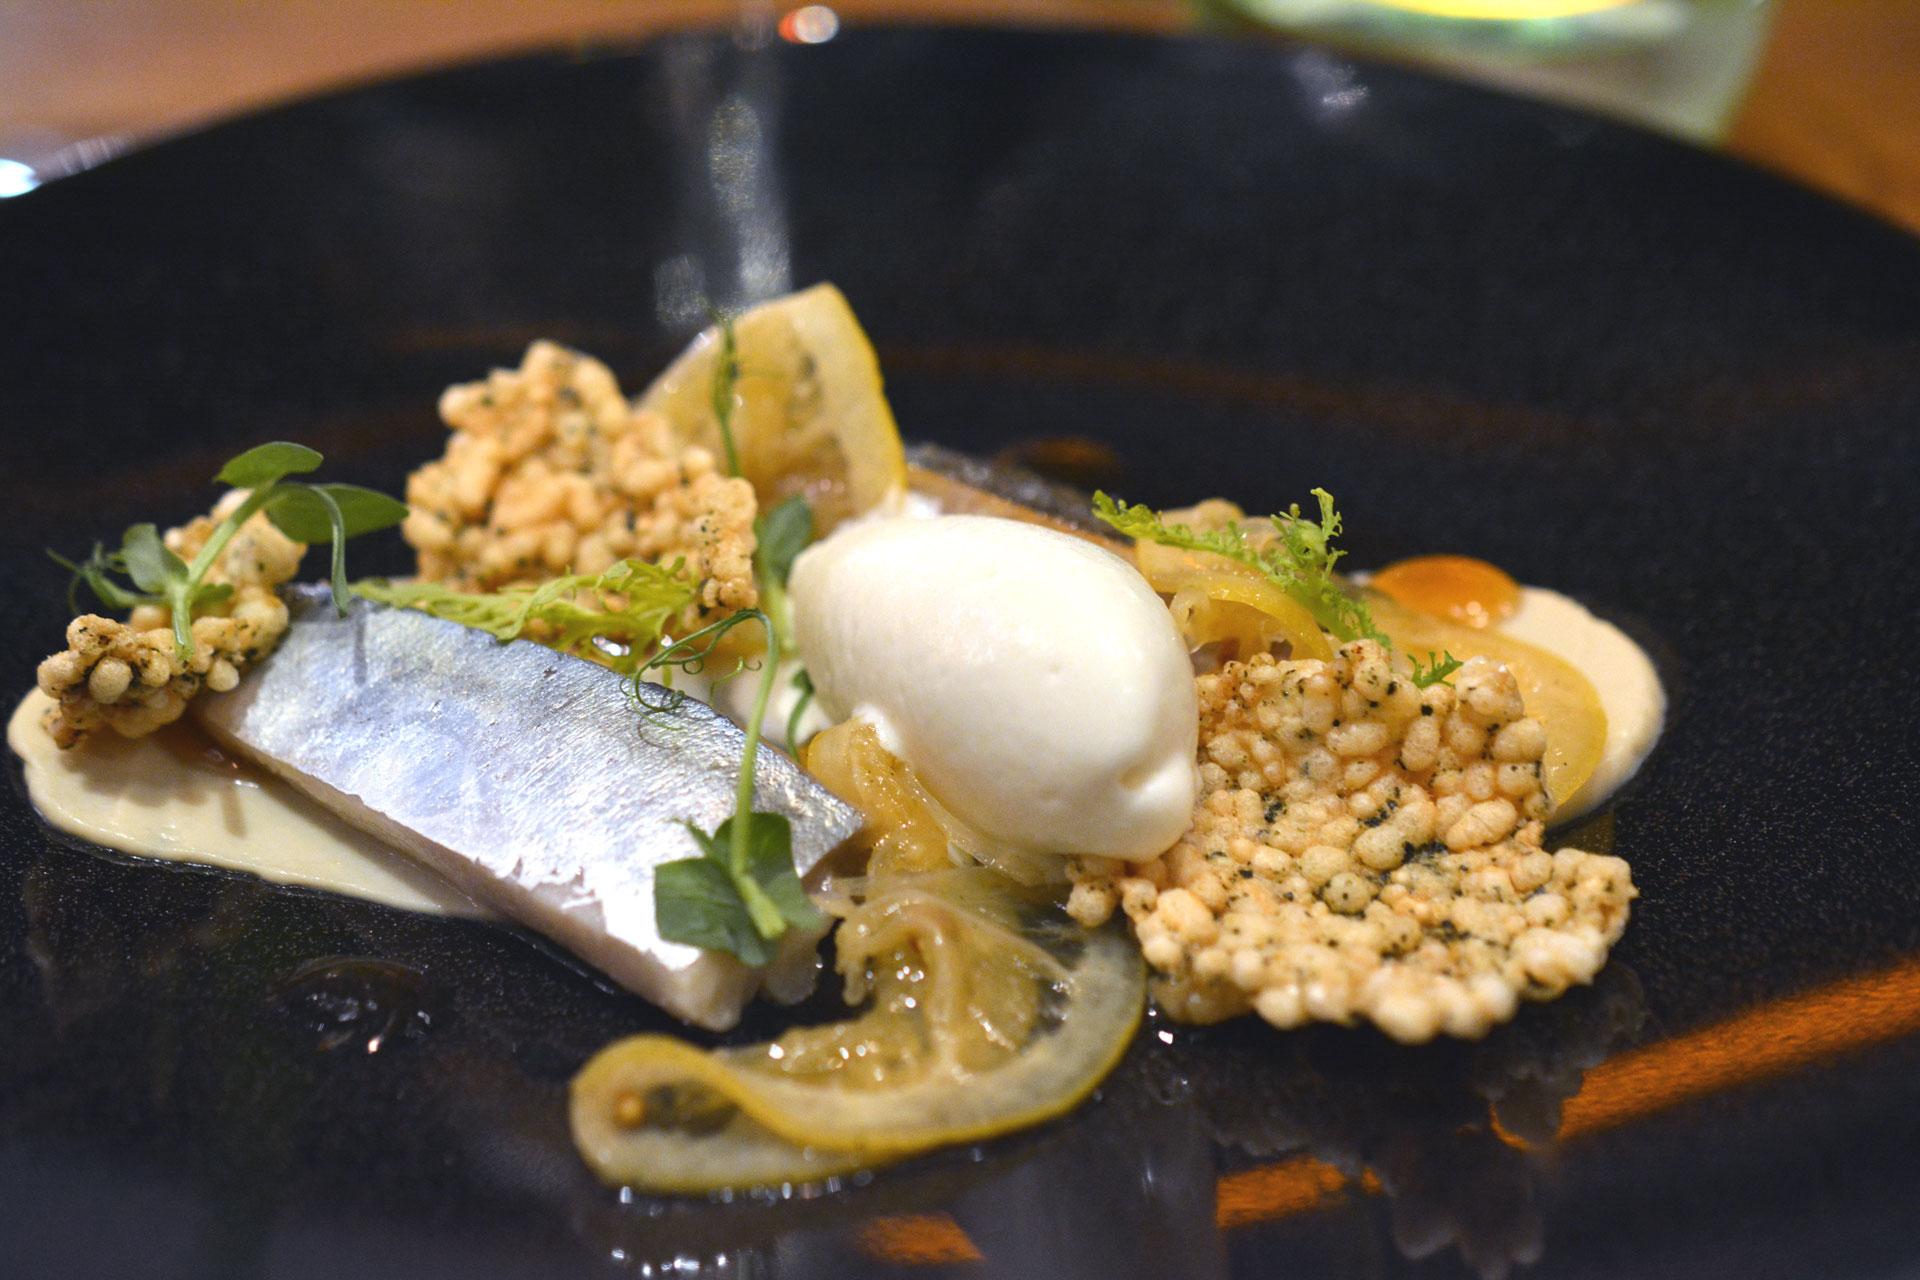 Makrele mit Krensorbet und knusprigen Noriblatt-Puffreis